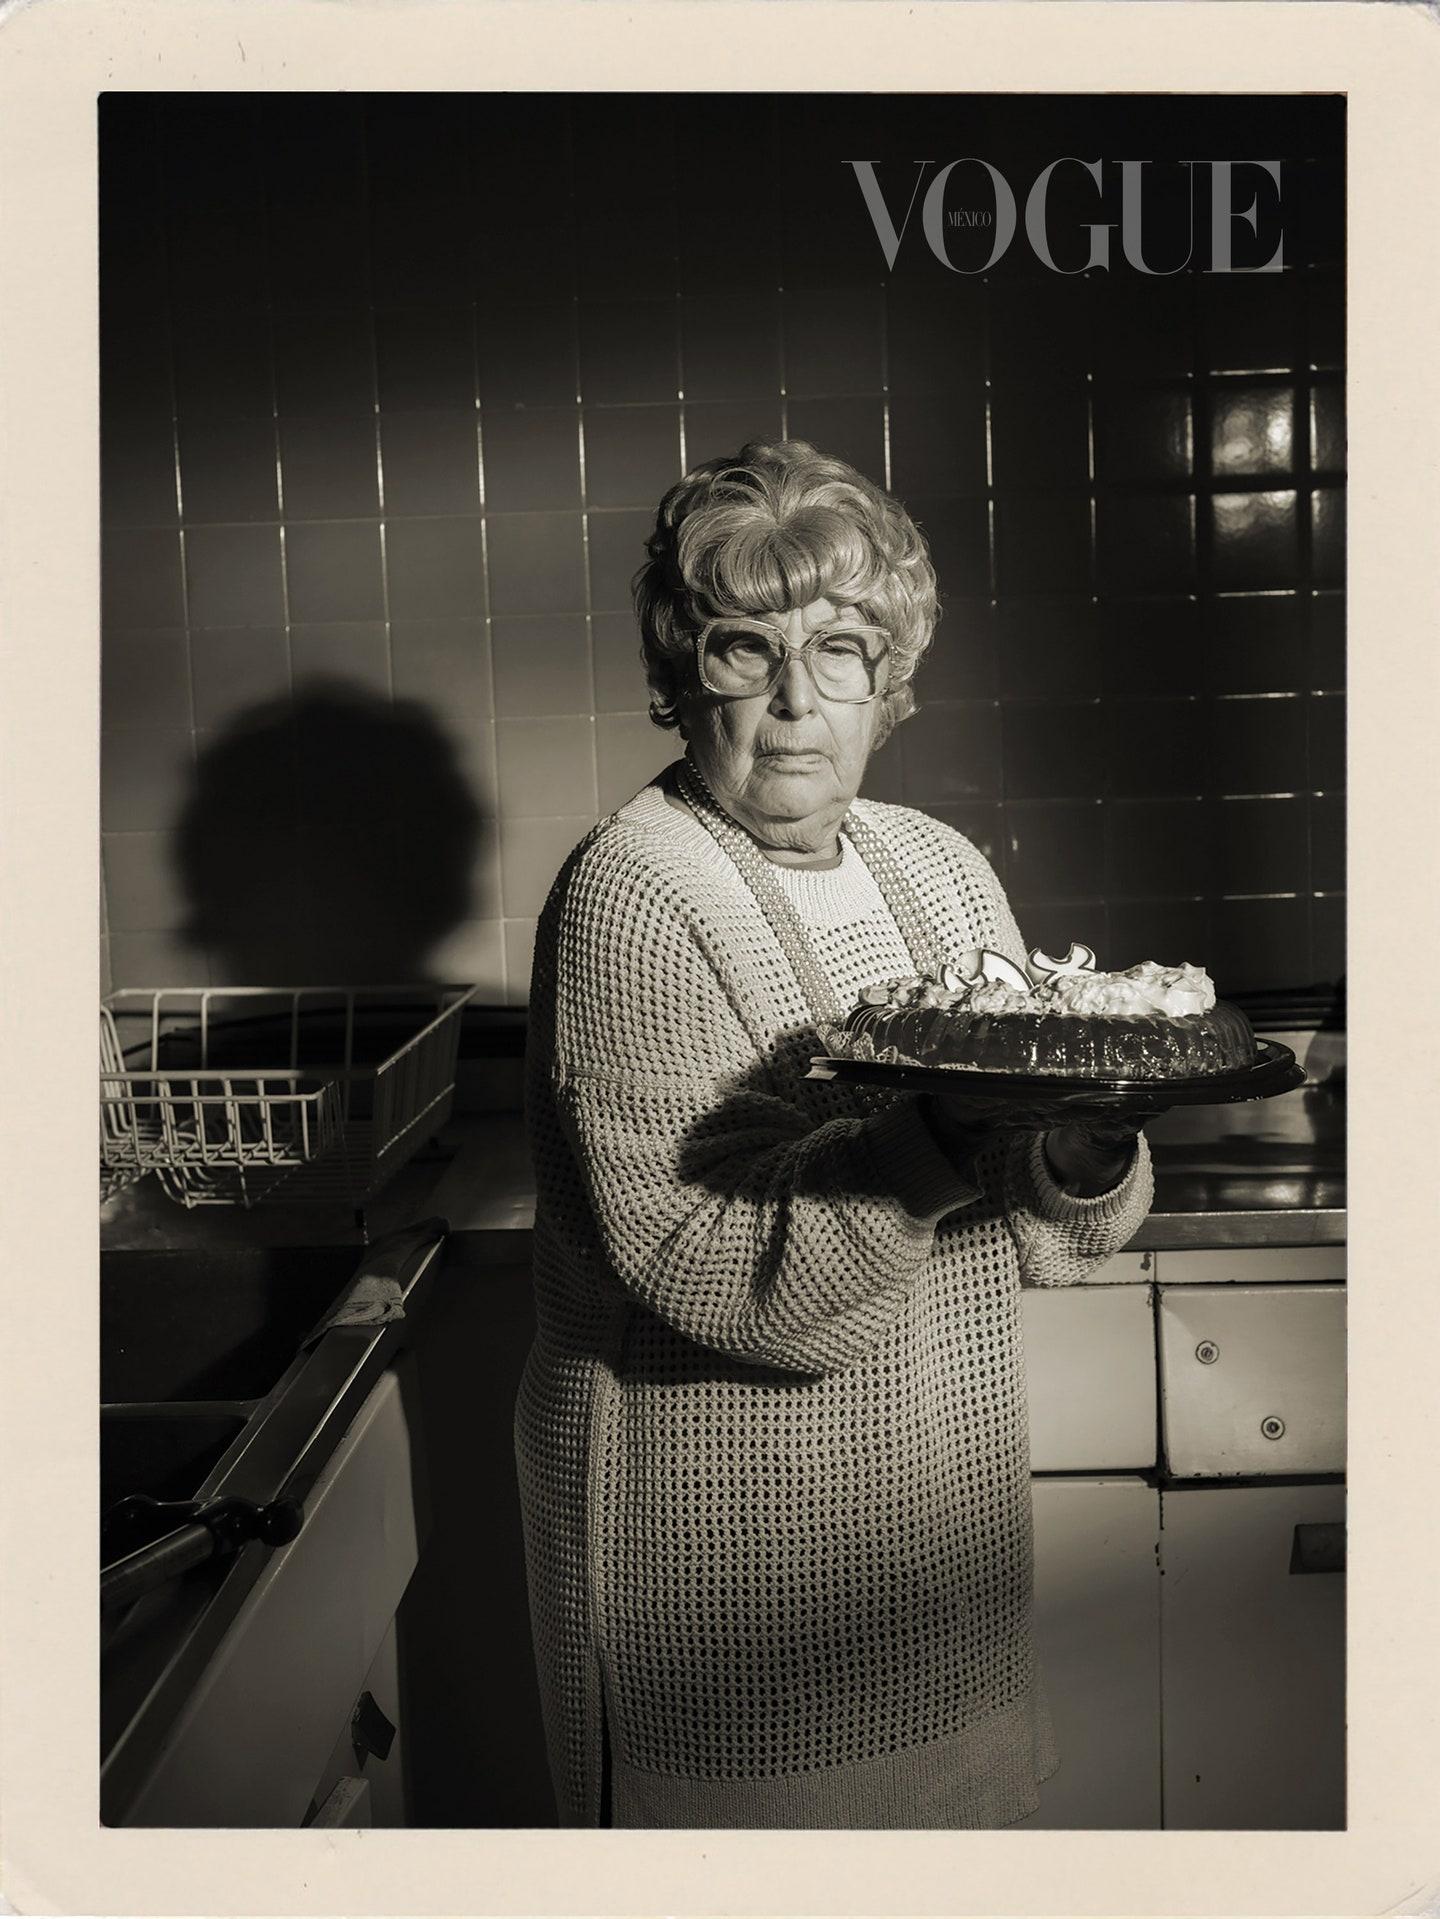 Обложка дня: мексиканский Vogue поместил на обложку бабушек своих сотрудников (ФОТО) - фото №2